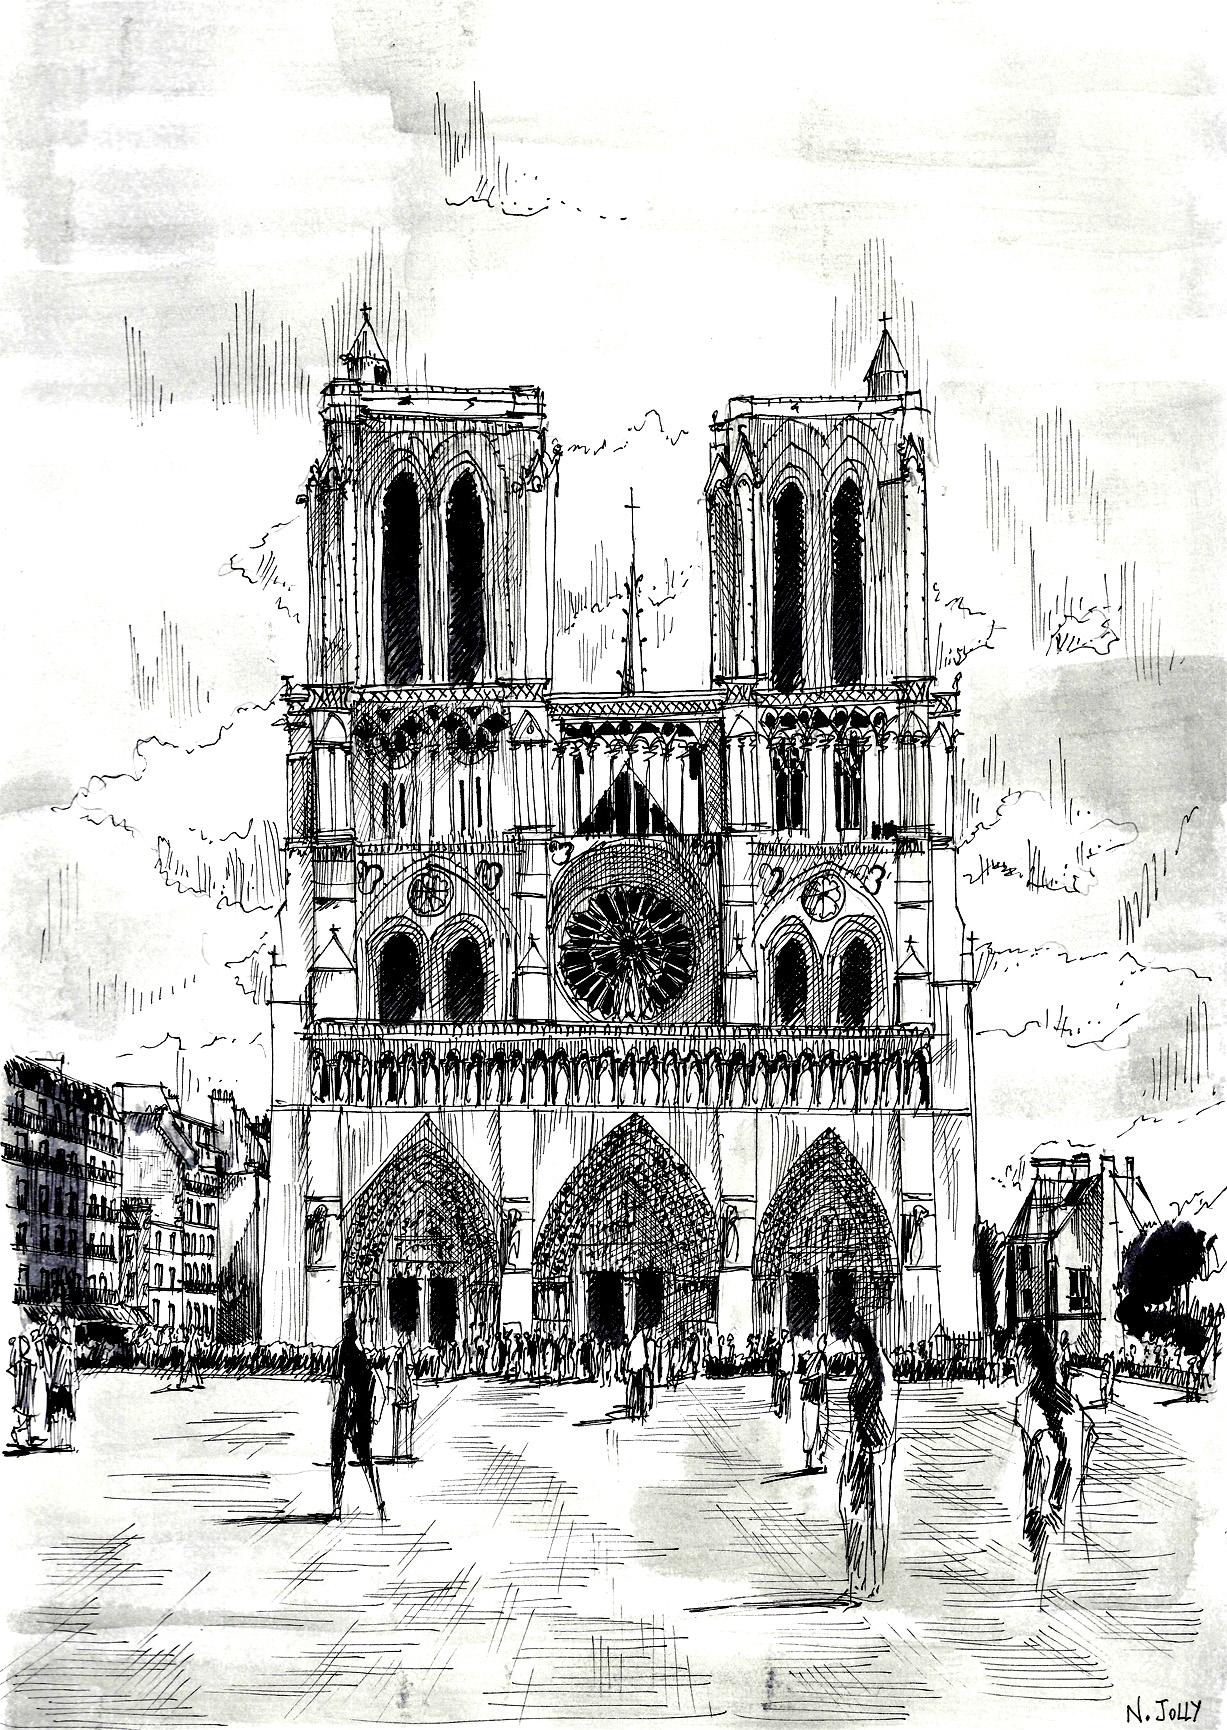 Disegni da colorare per adulti : Paris - 2